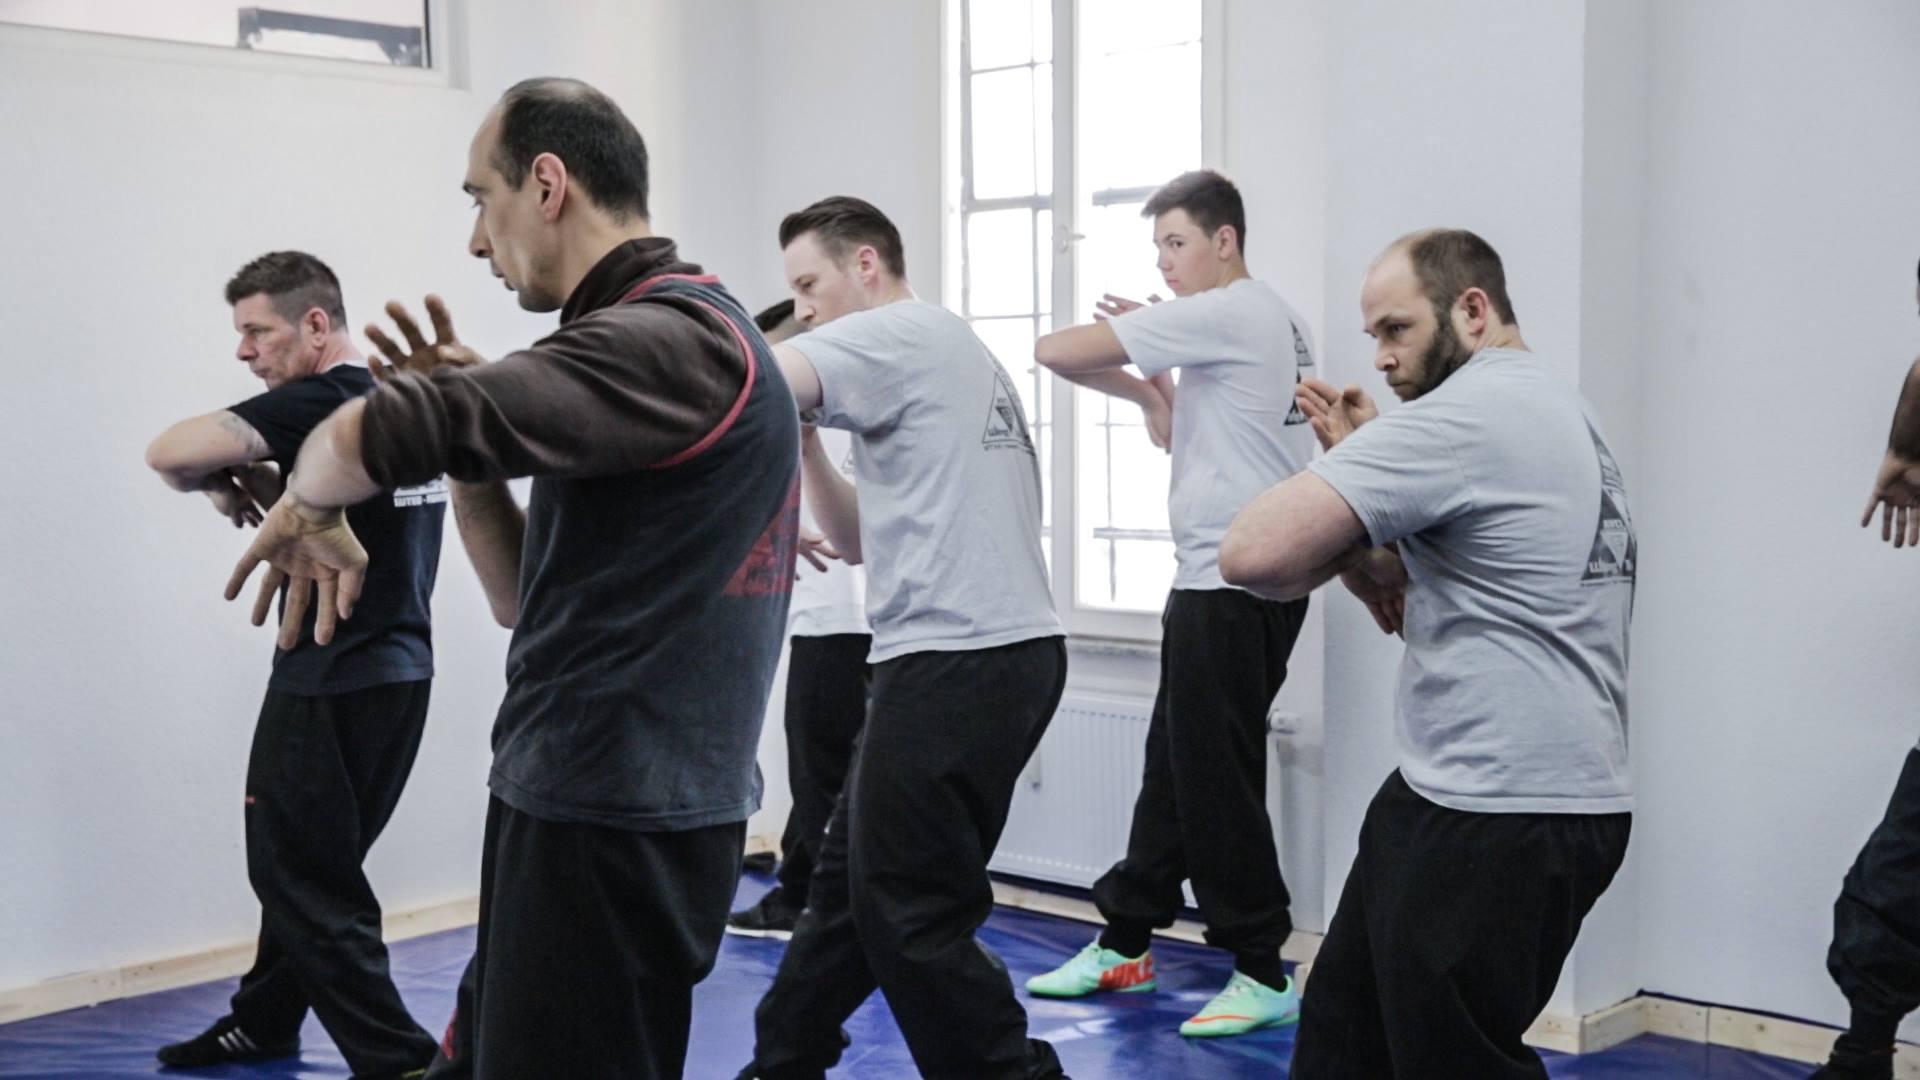 Gruppe Männer trainiert zusammen Escrima